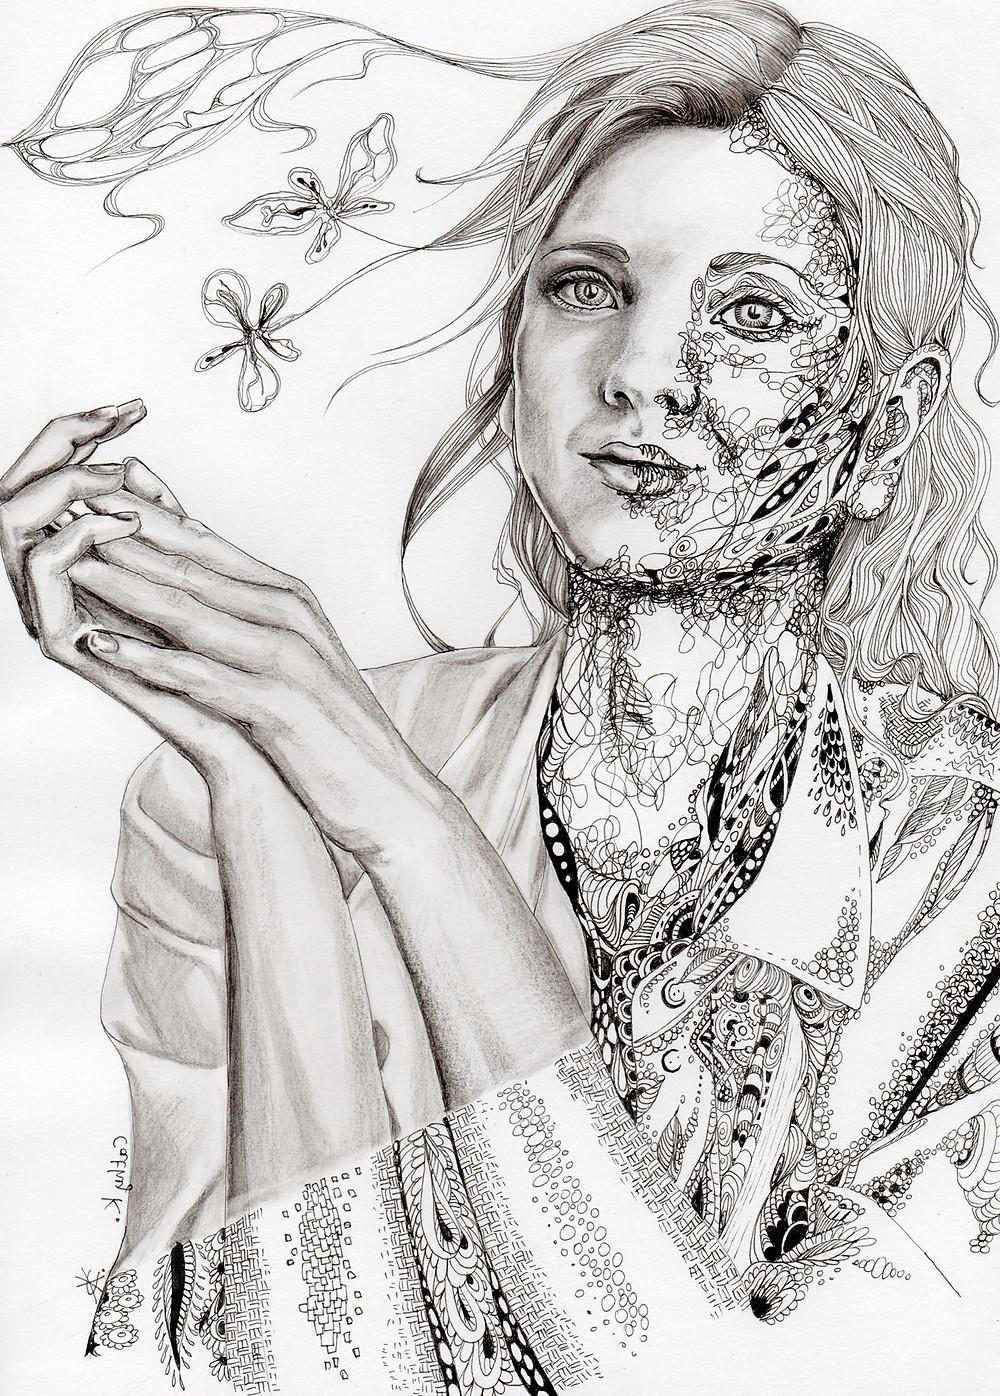 art by Cathy Keustermans